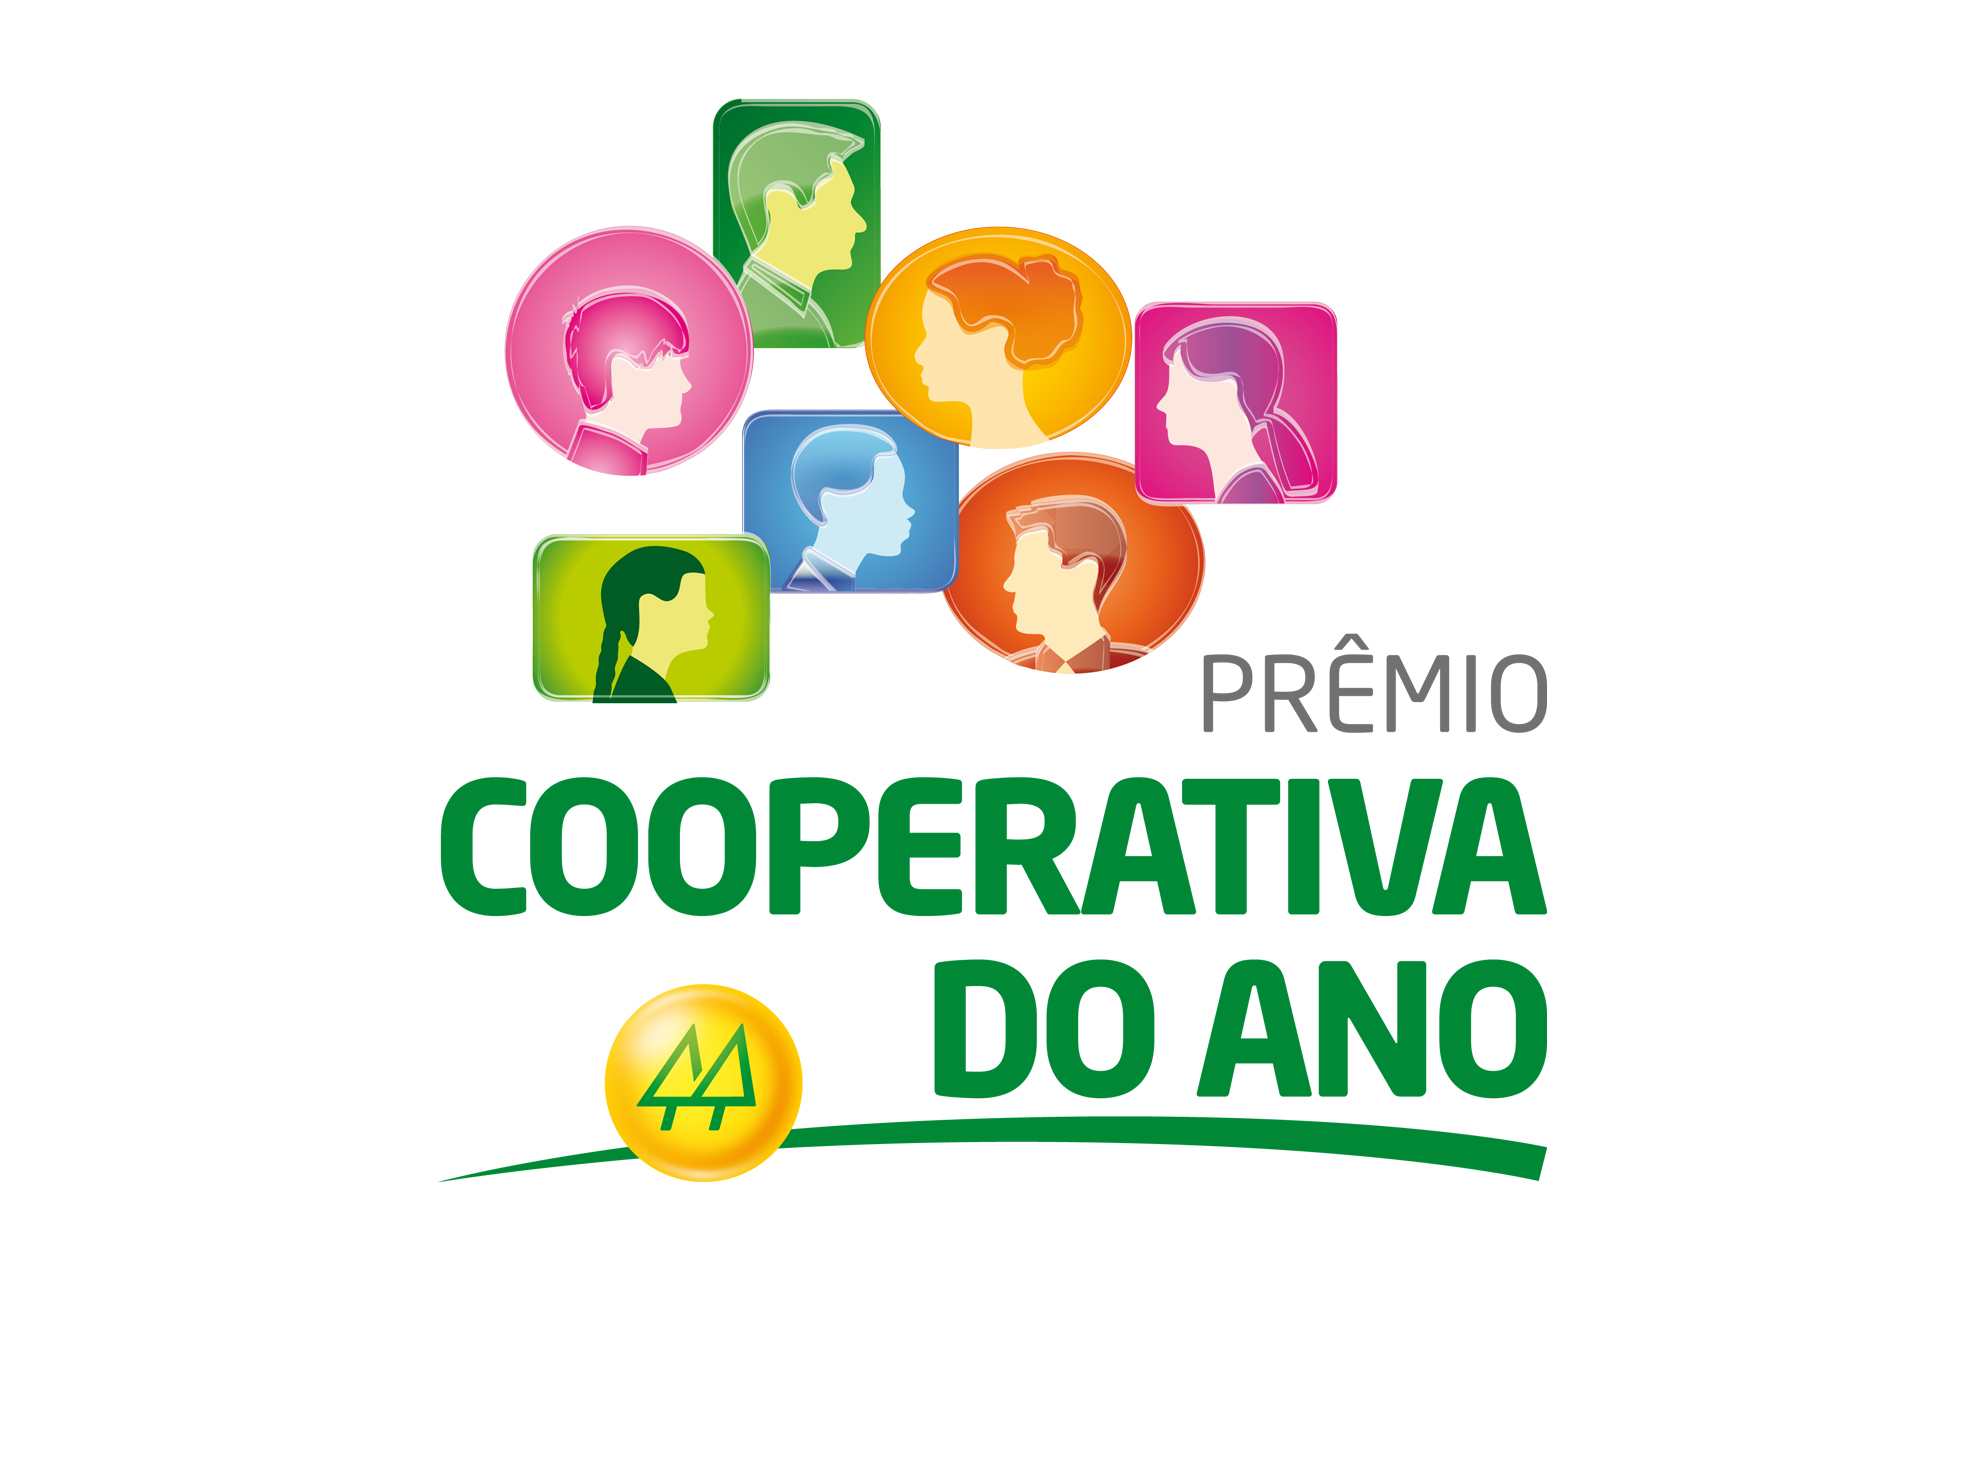 Marca Premio Cooperativa Do Ano 06 11 2012